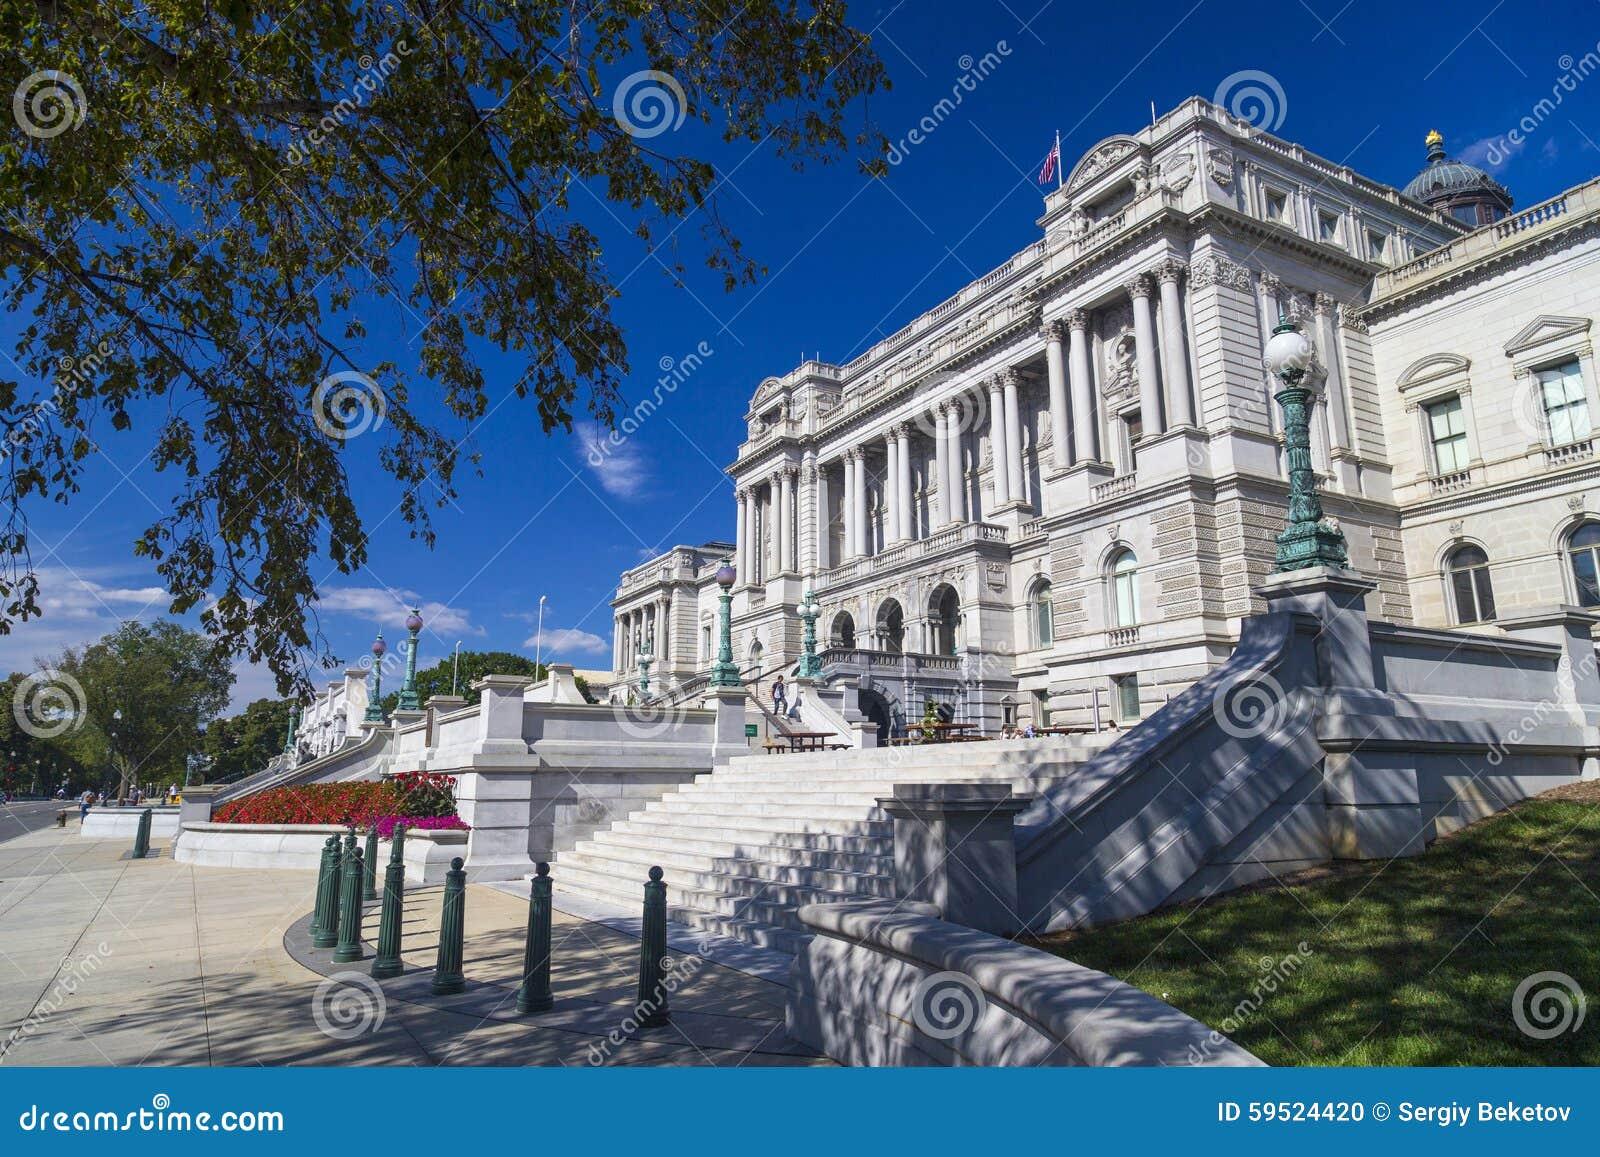 Bibliothèque du Congrès, Thomas Jefferson Building dans le Washington DC,